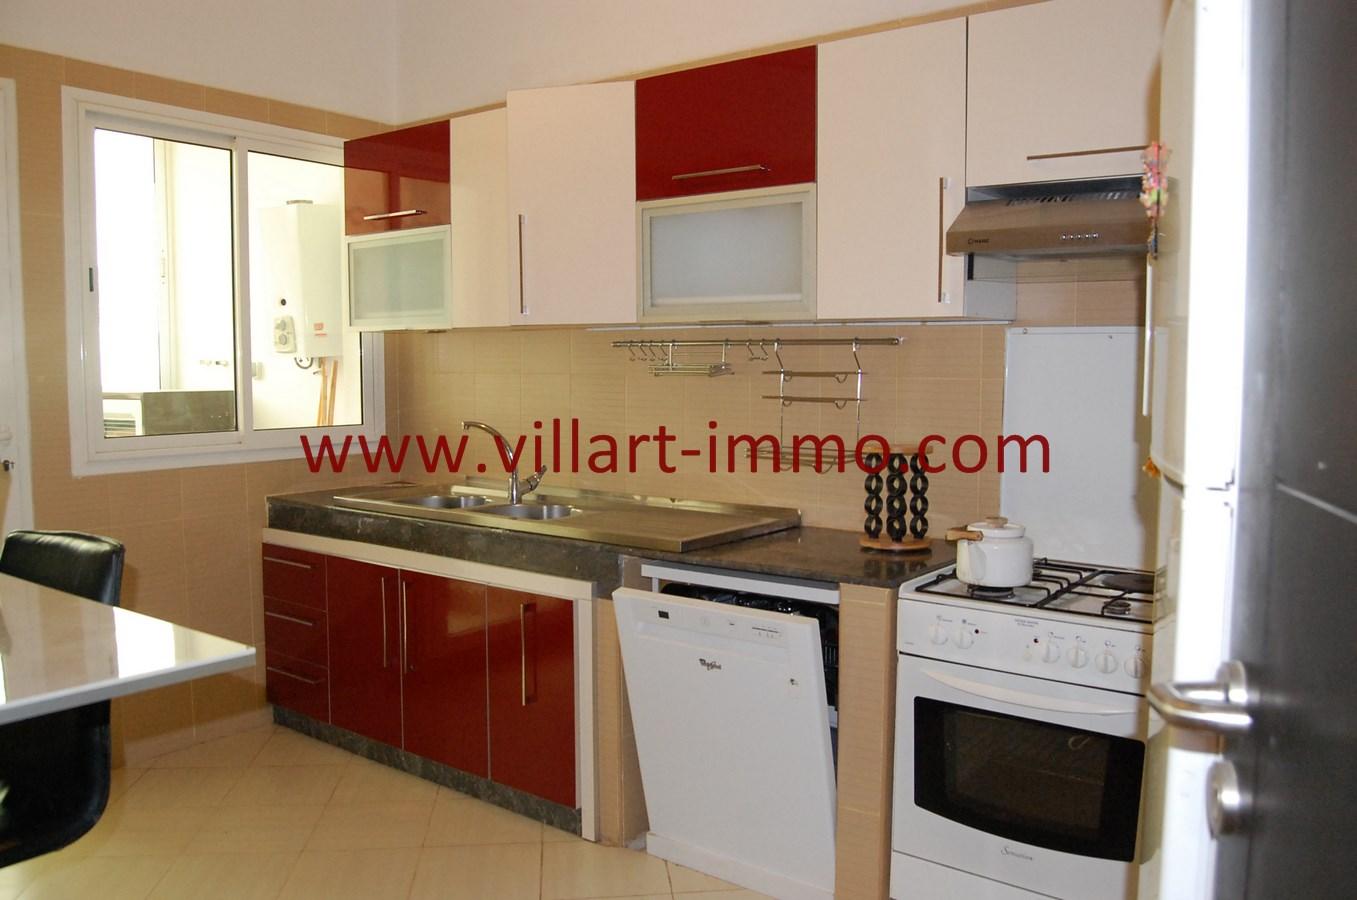 7-Vente-Appartement-Tanger-Cuisine-VA480-Villart Immo